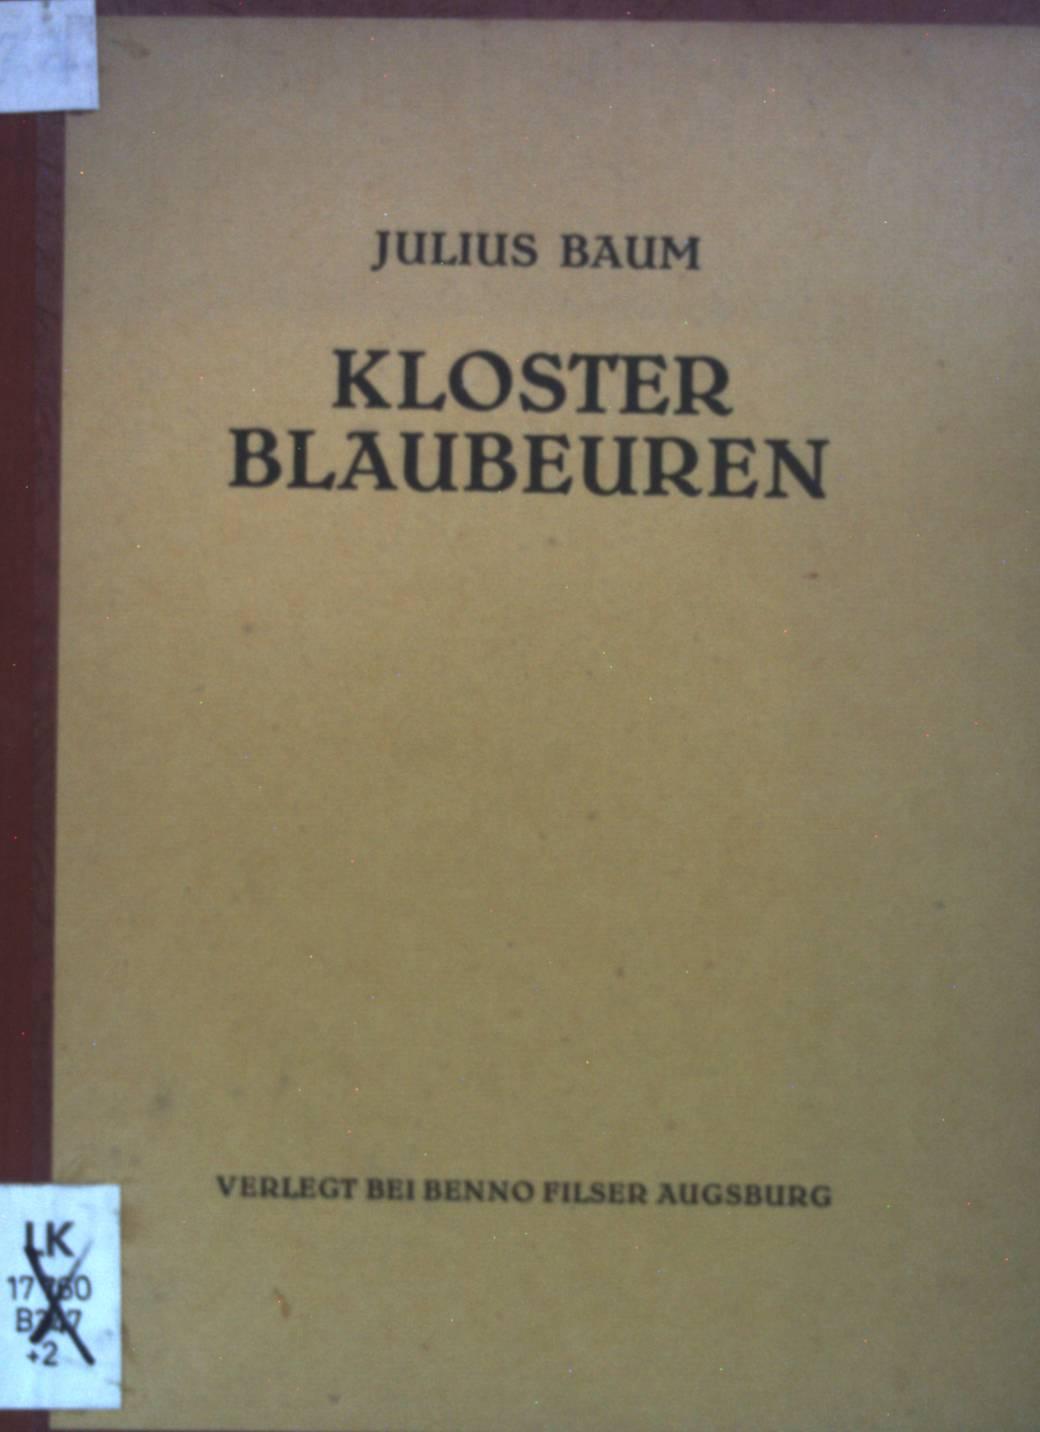 Kloster Blaubeuren. Deutsche Kunstführer, Band 3: Baum, Julius: